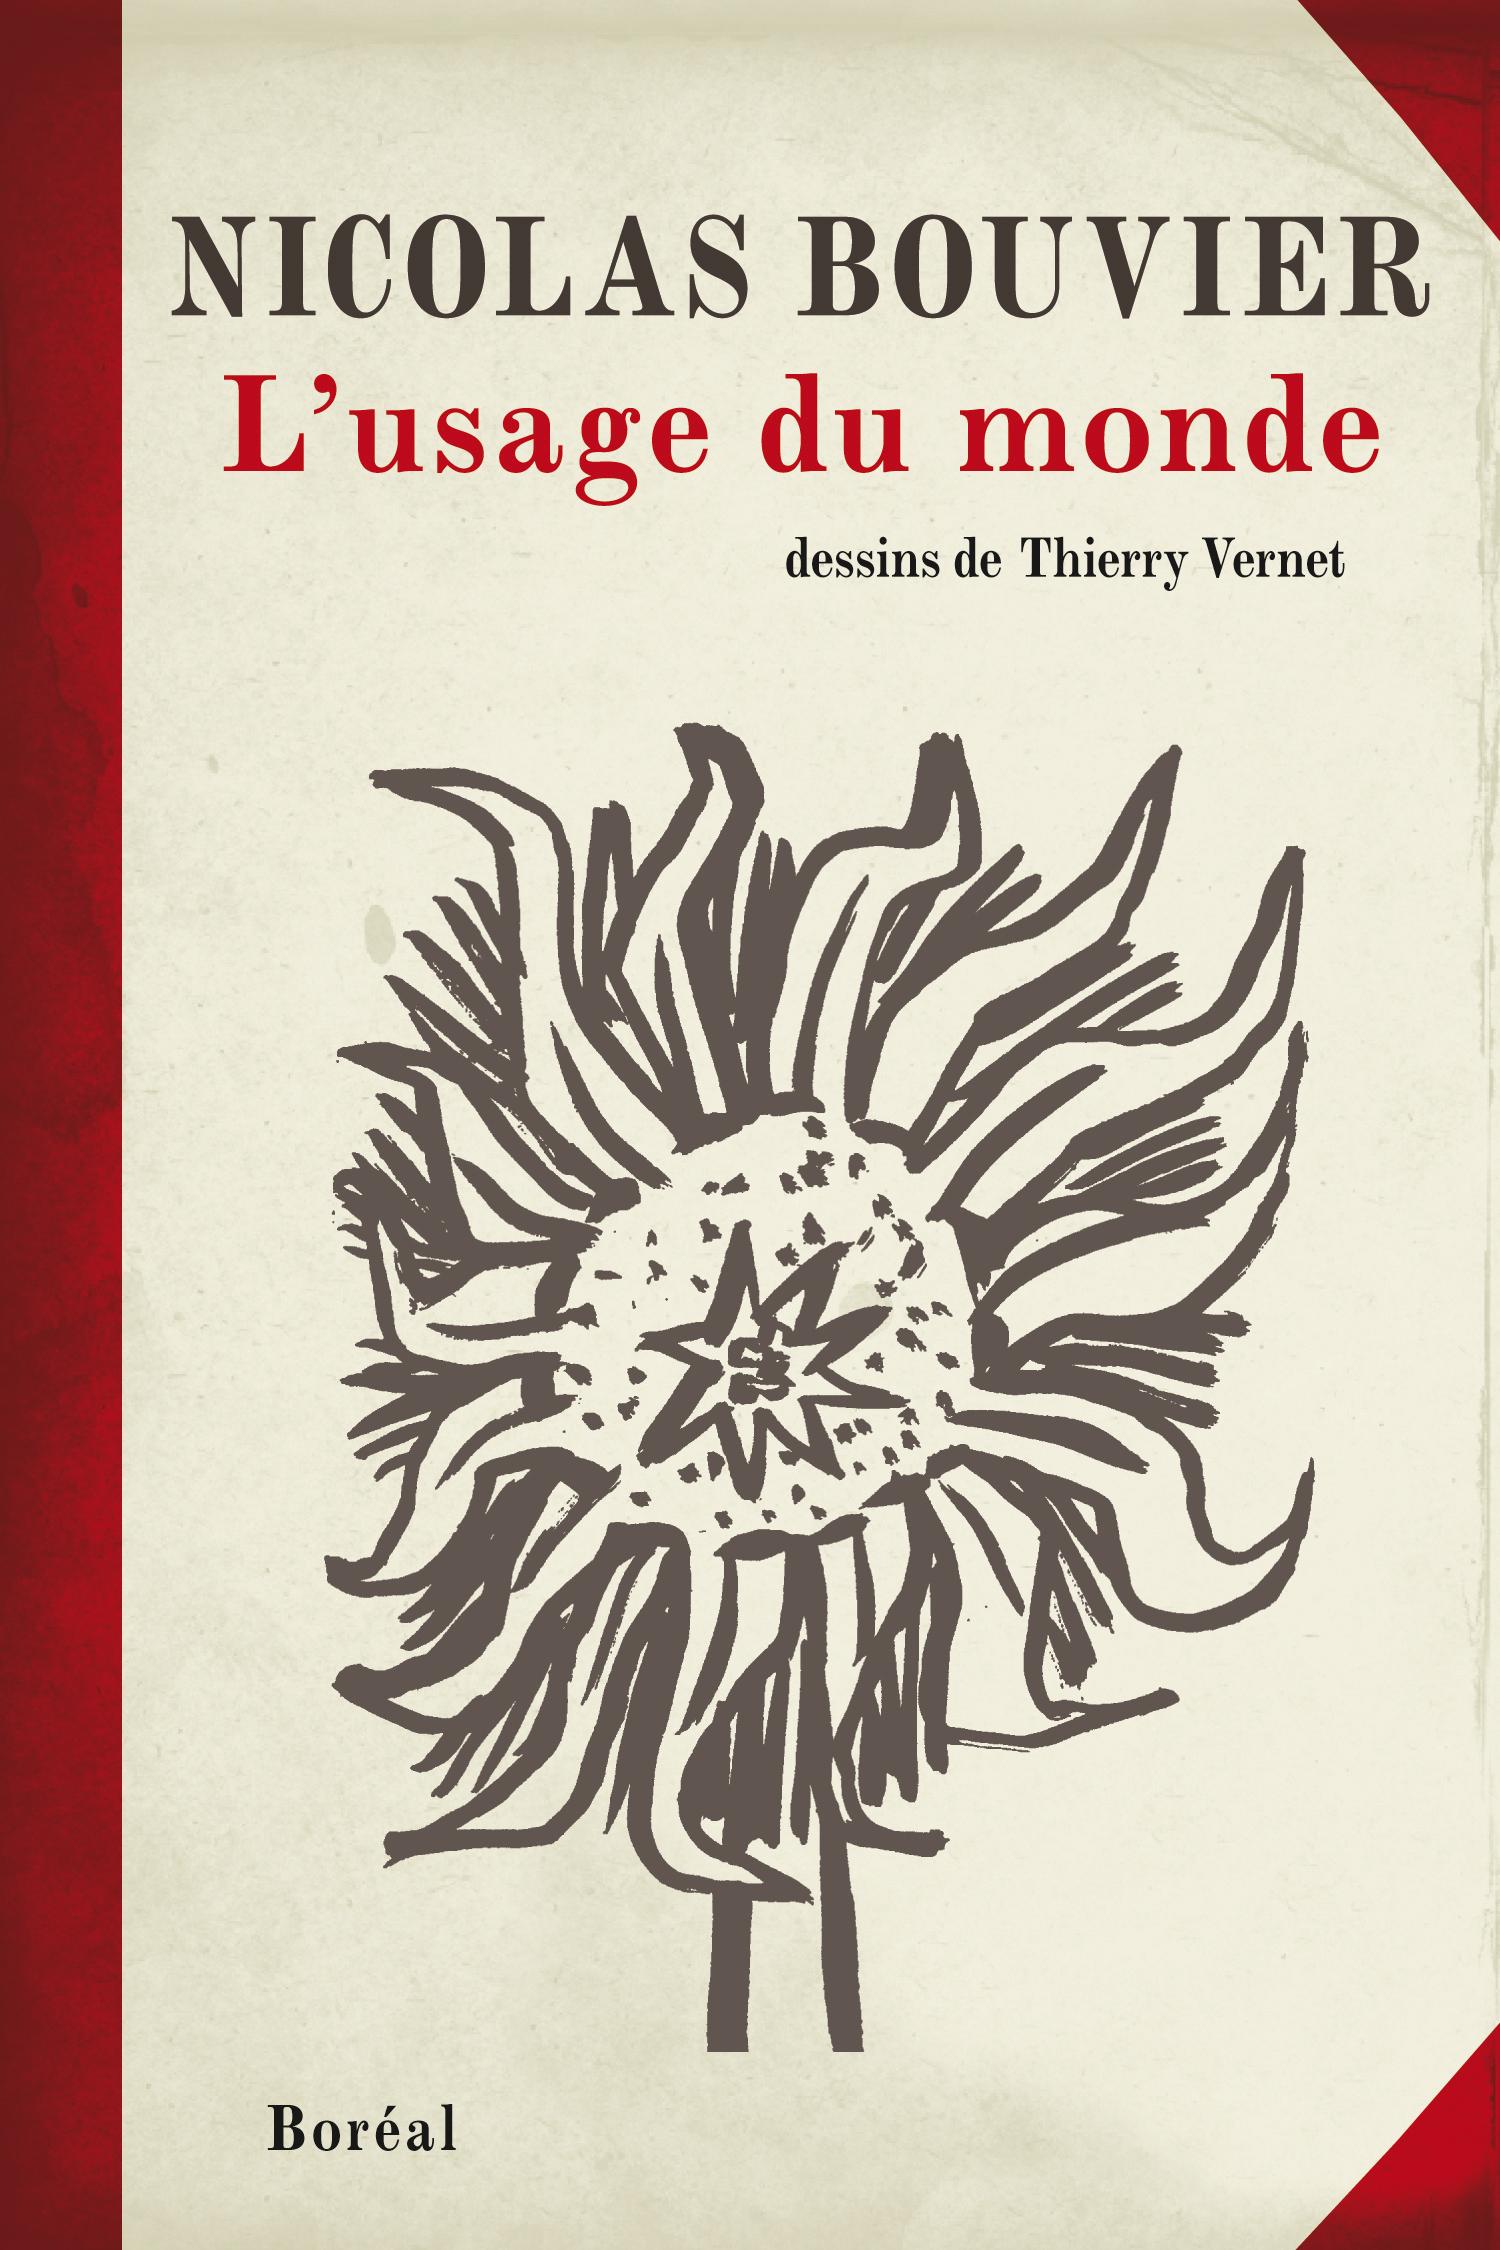 Couverture : Usage du monde (L') Nicolas Bouvier, Thierry Vernet